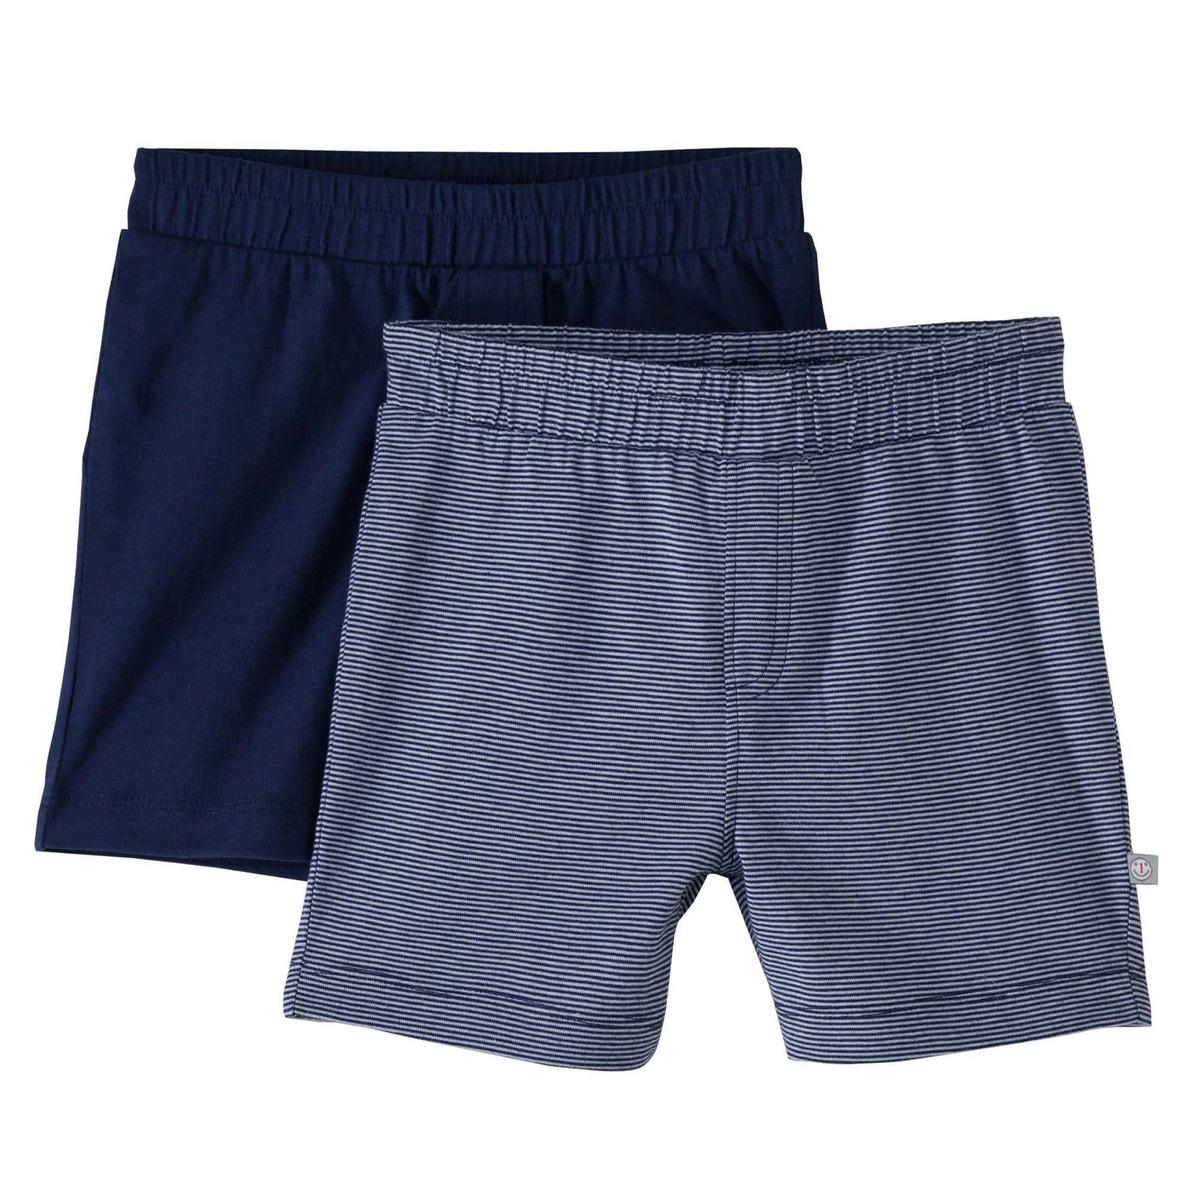 Bild 1 von Baby-Jungen-Shorts aus reiner Baumwolle, 2er-Pack